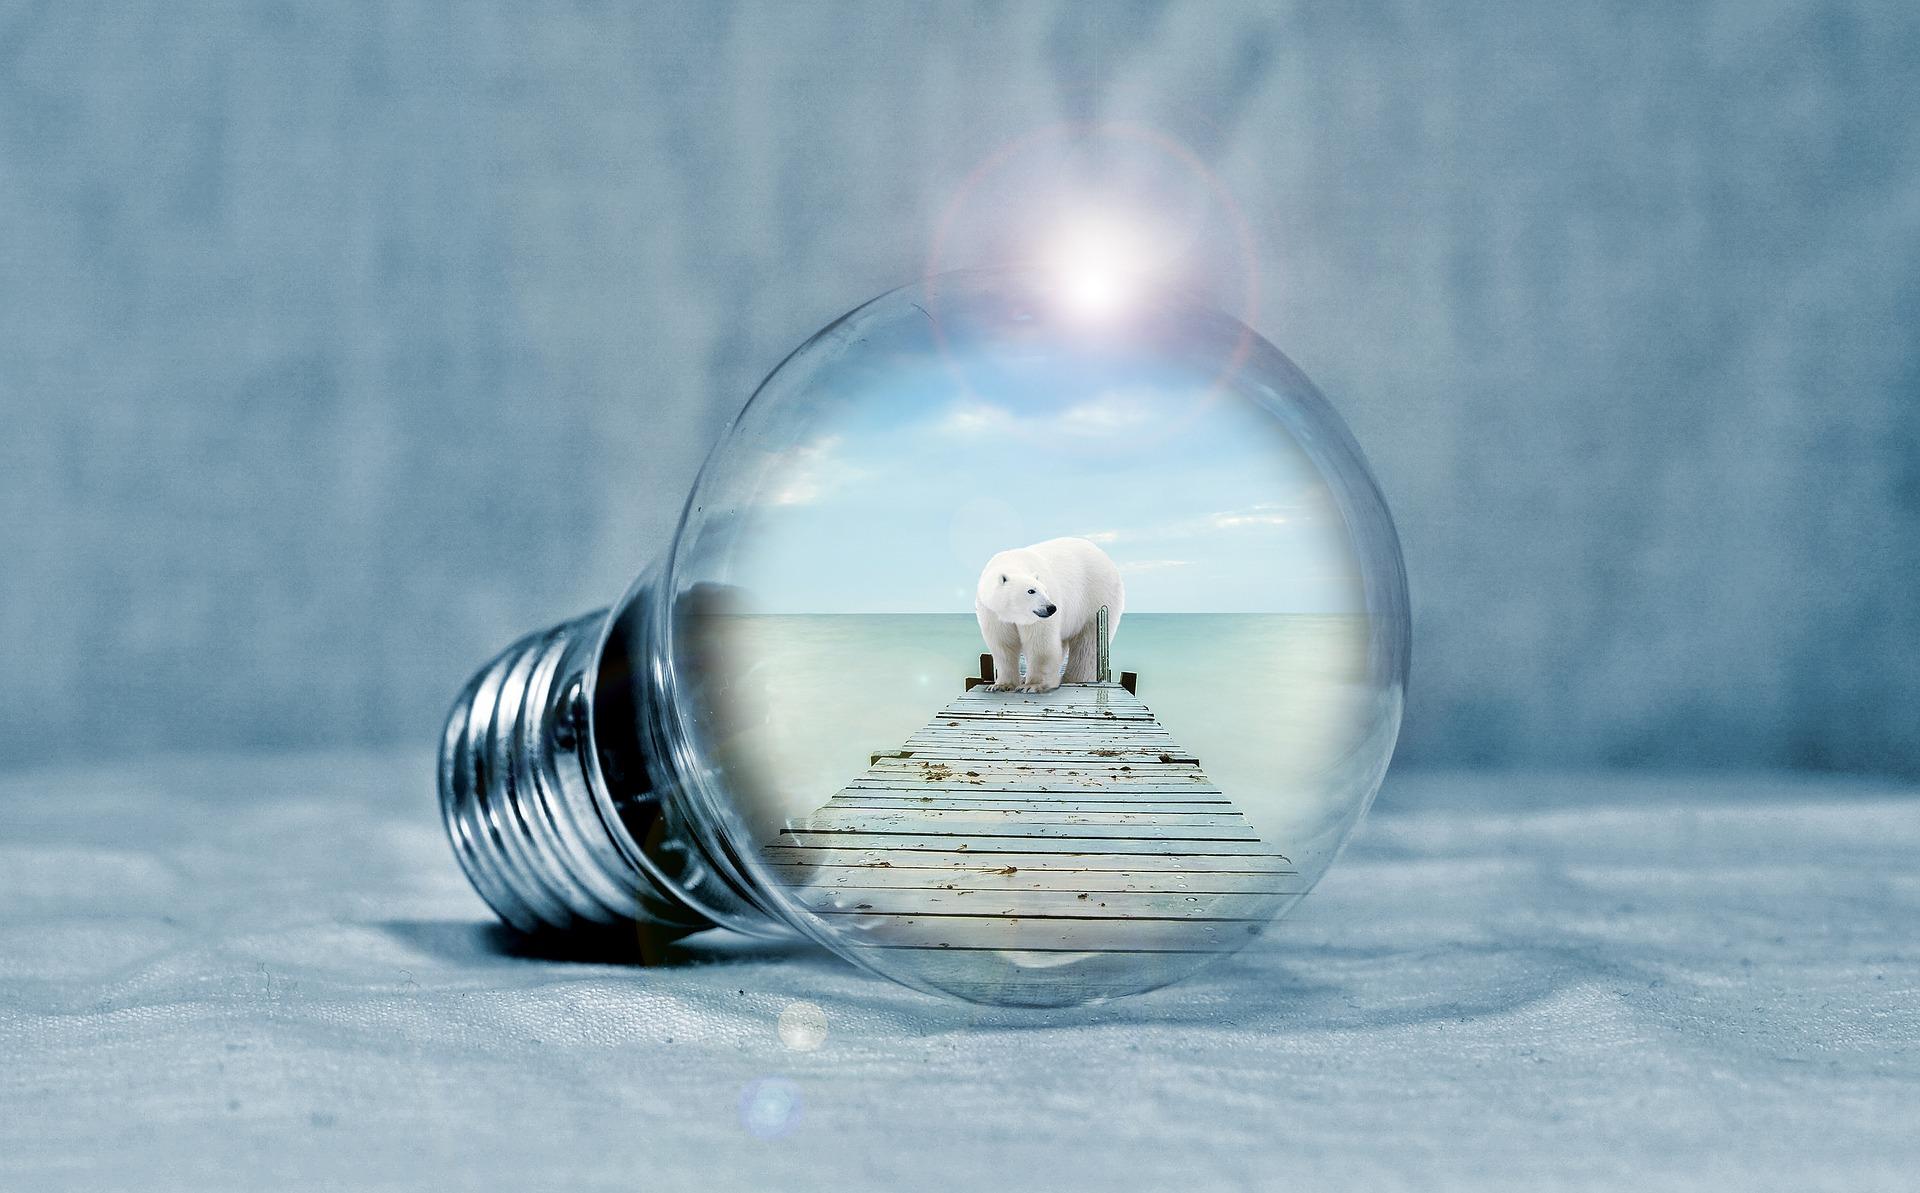 light-bulb-2581192_1920